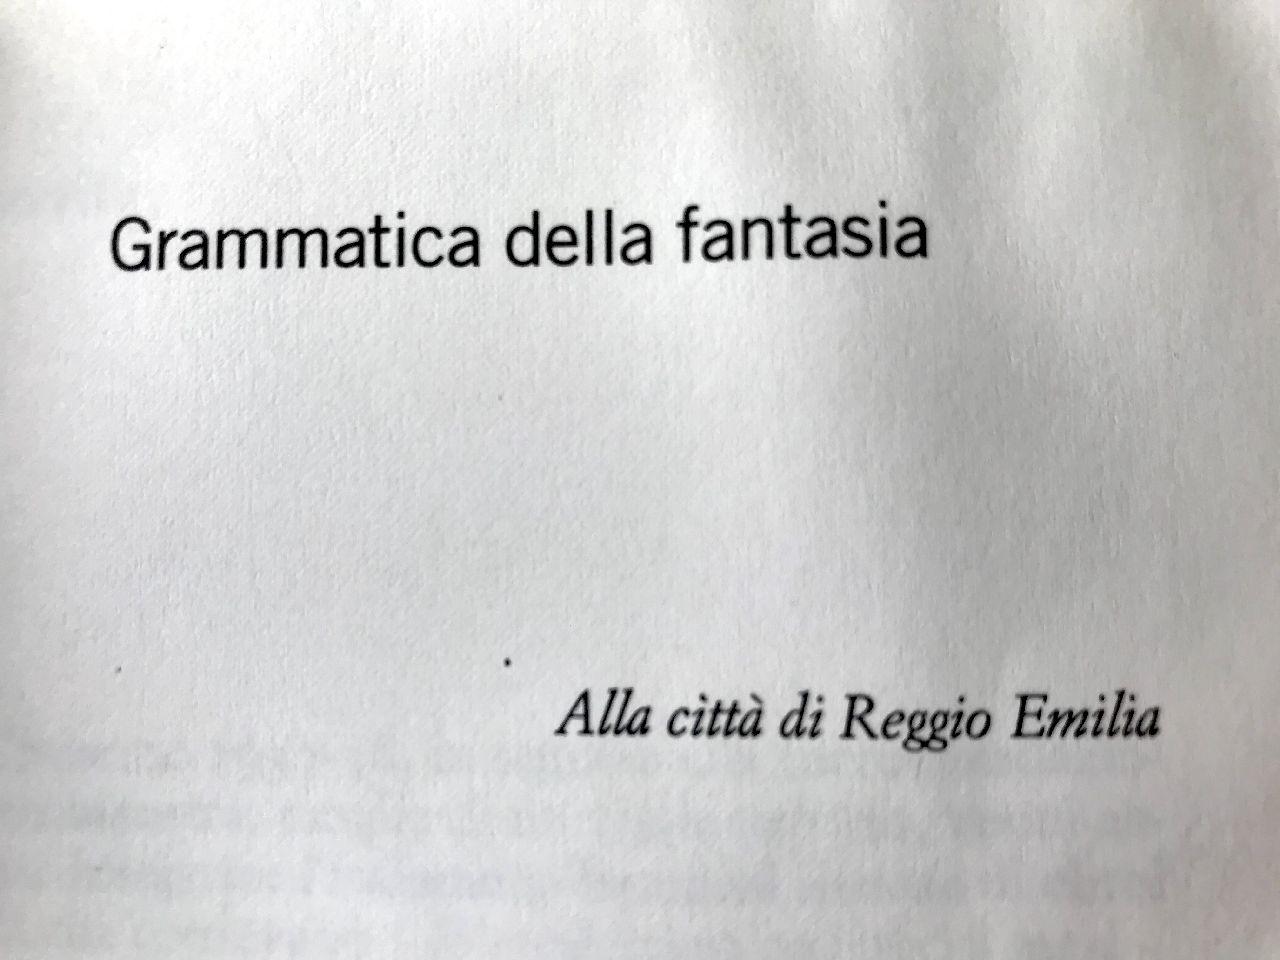 Gianni Rodari, Grammatica della fantasia, Einaudi